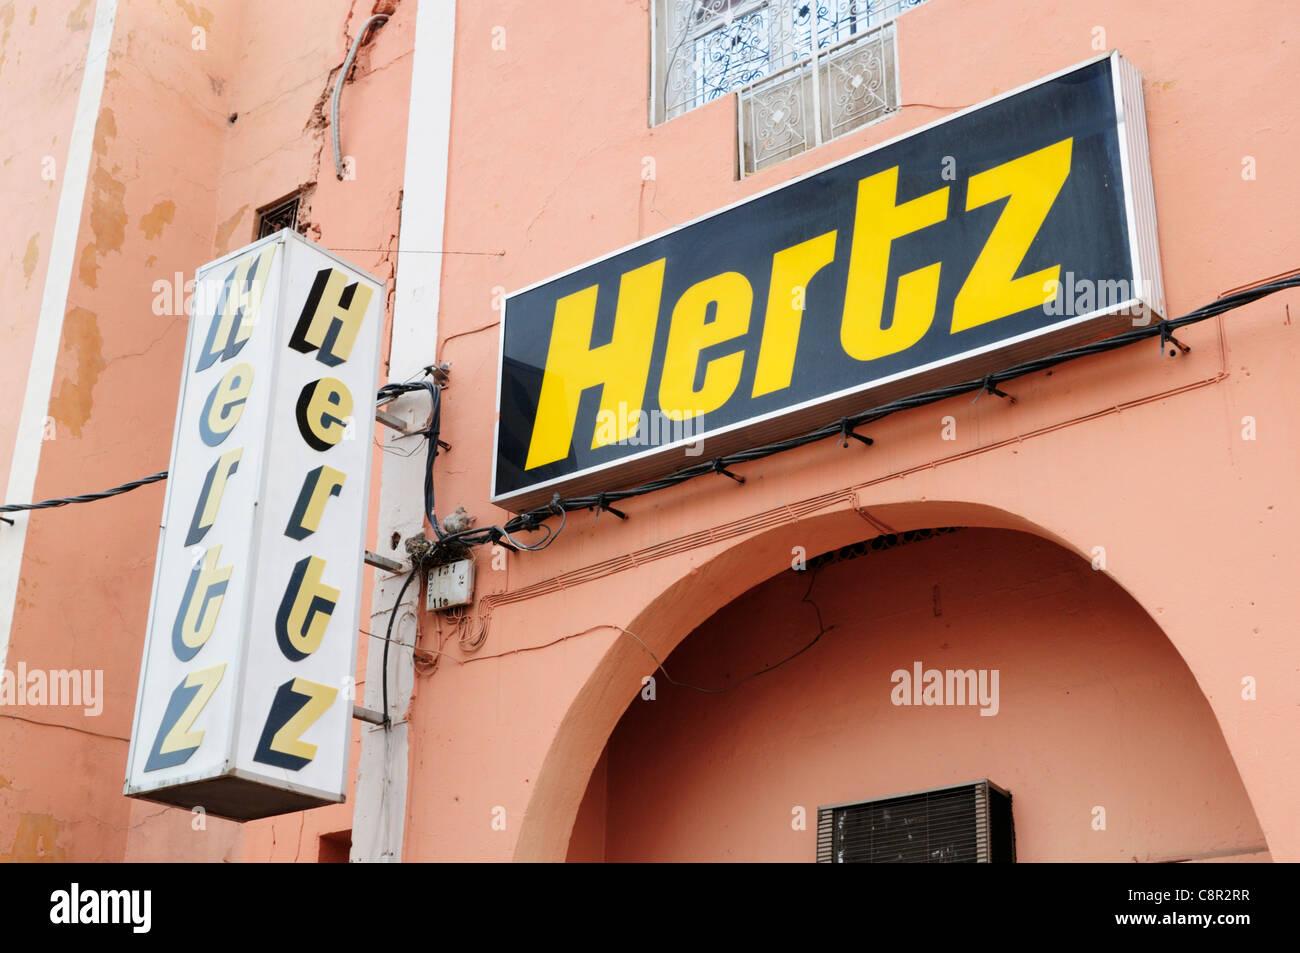 Hertz Car Hire Stock Photos Hertz Car Hire Stock Images Alamy